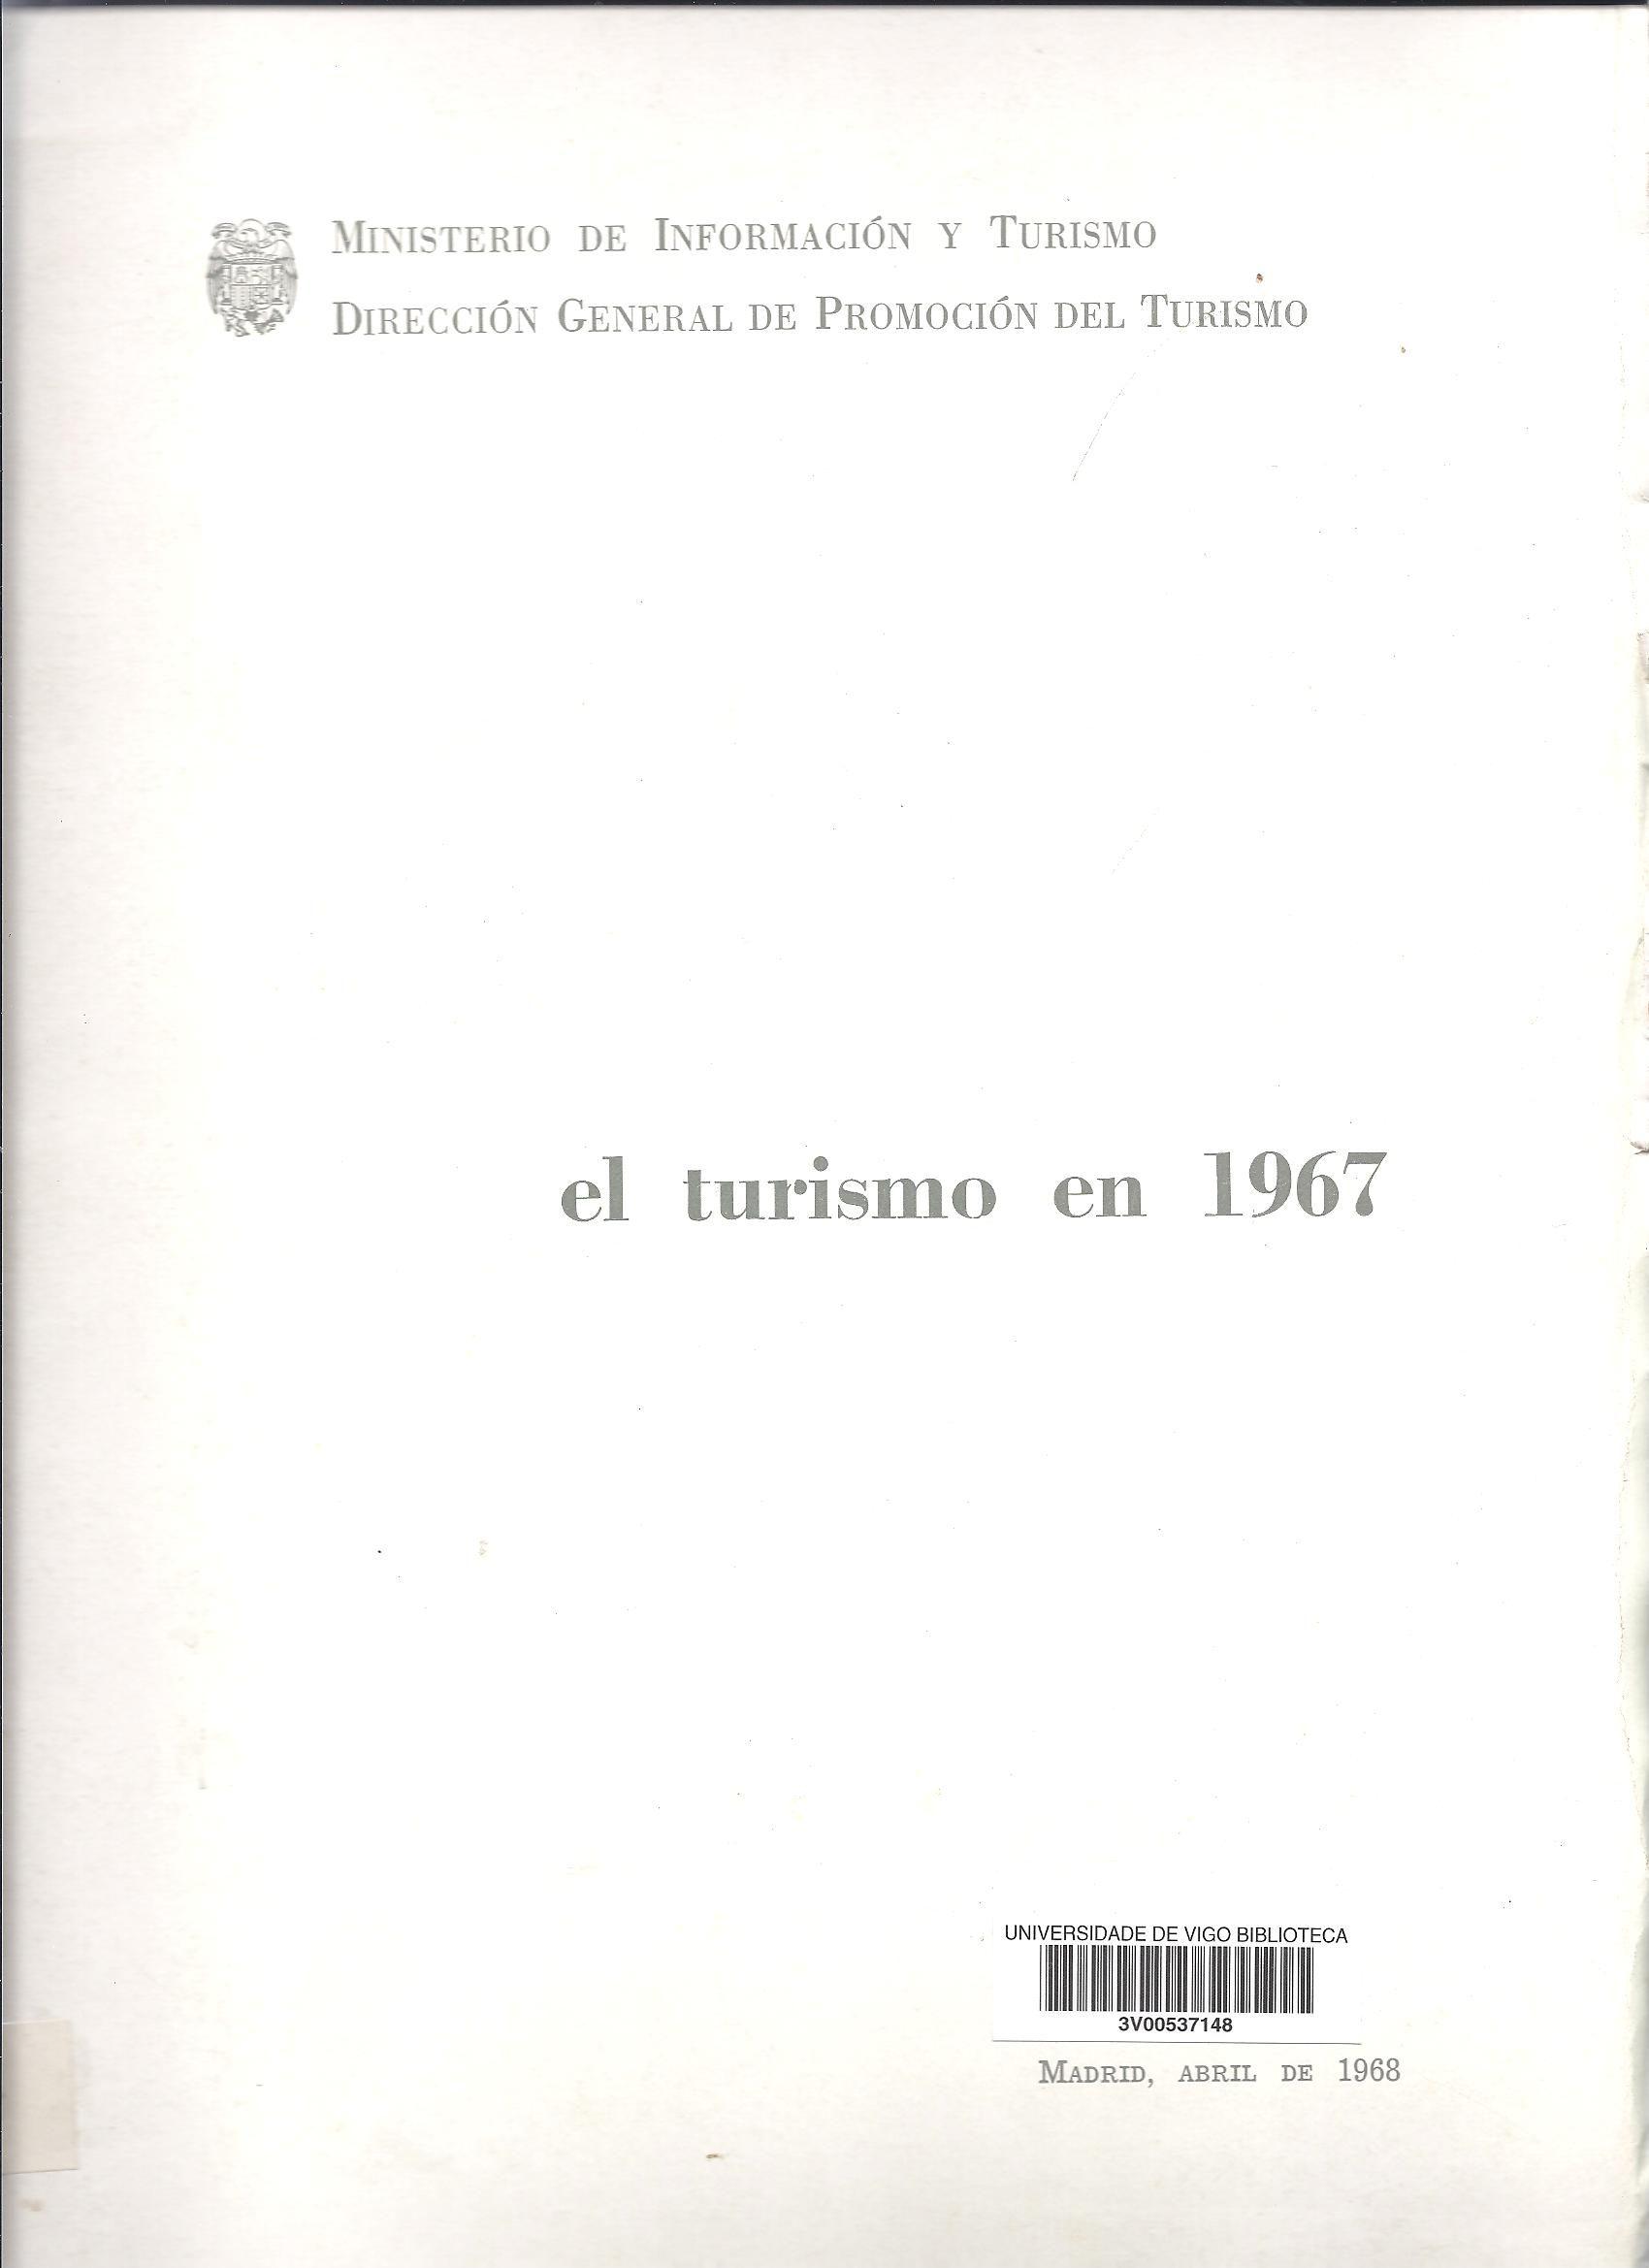 El turismo en 1967